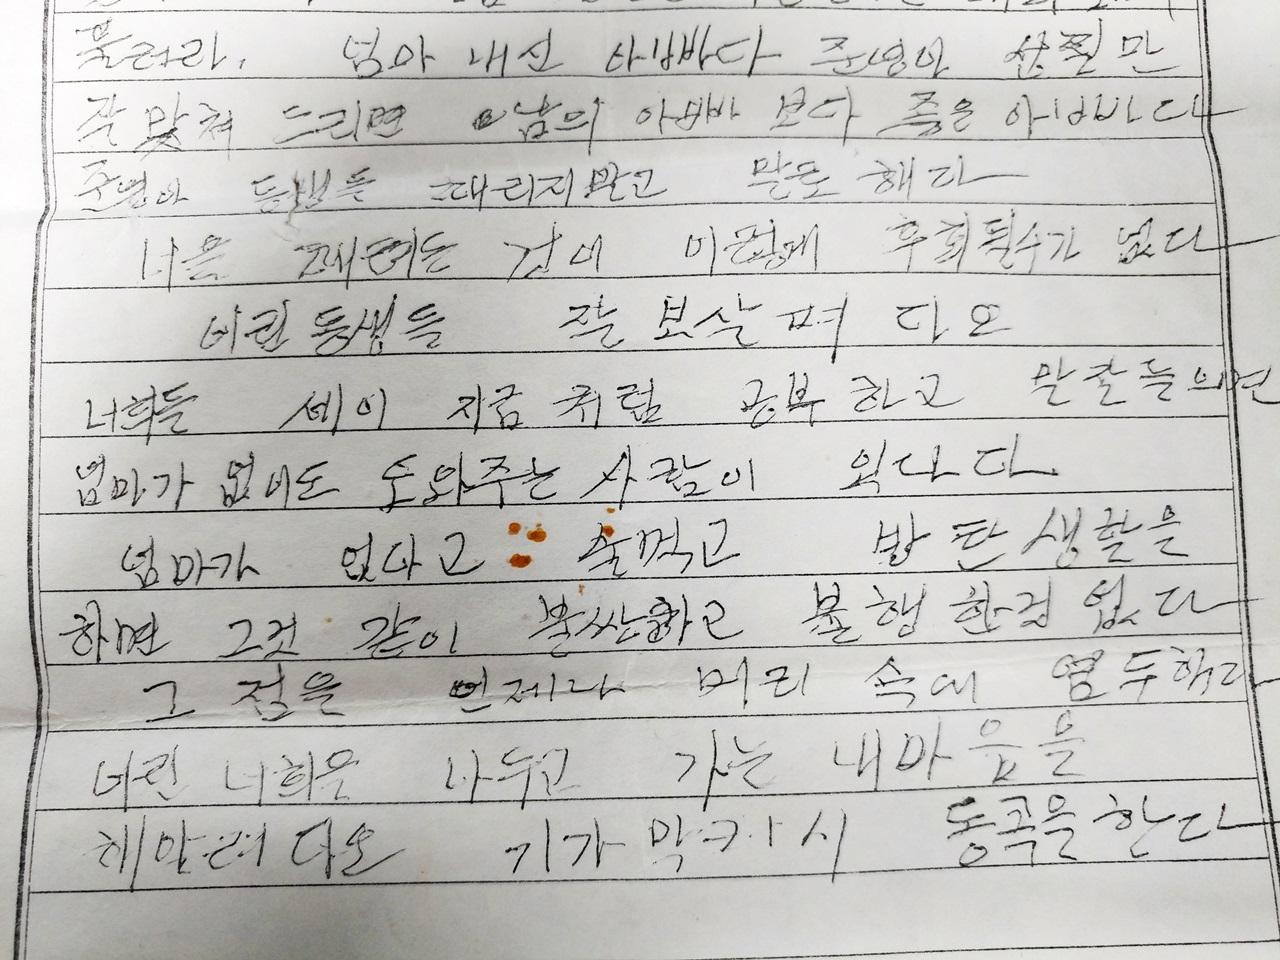 박준영 변호사 엄마의 유서